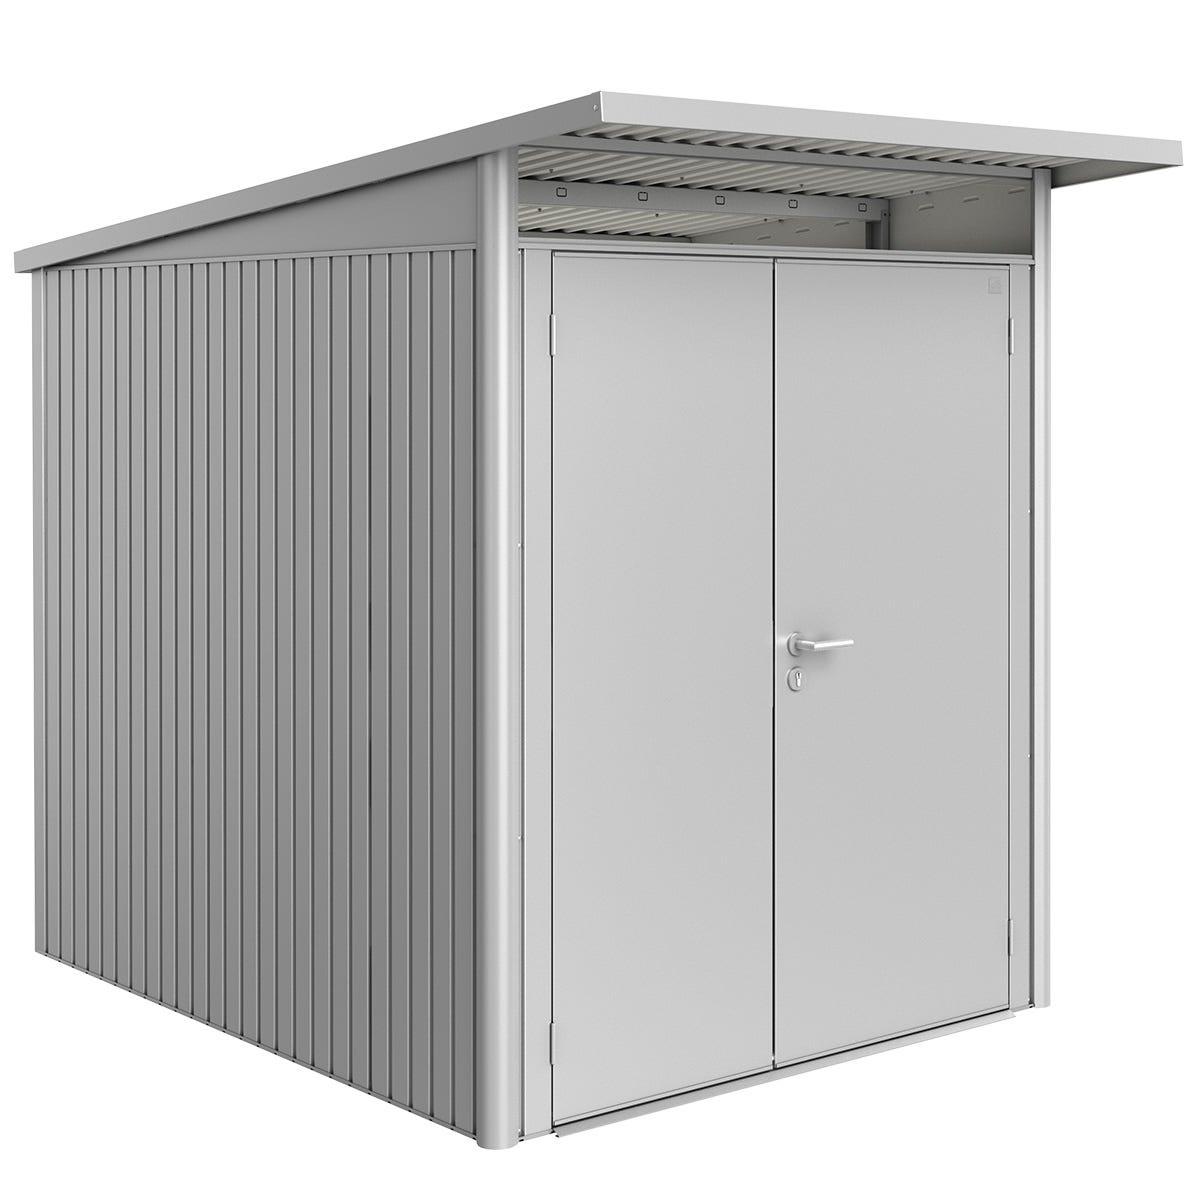 Biohort AvantGarde Metal Shed A2 Double door 5' 9'' x 8' 5'' - Metallic Silver